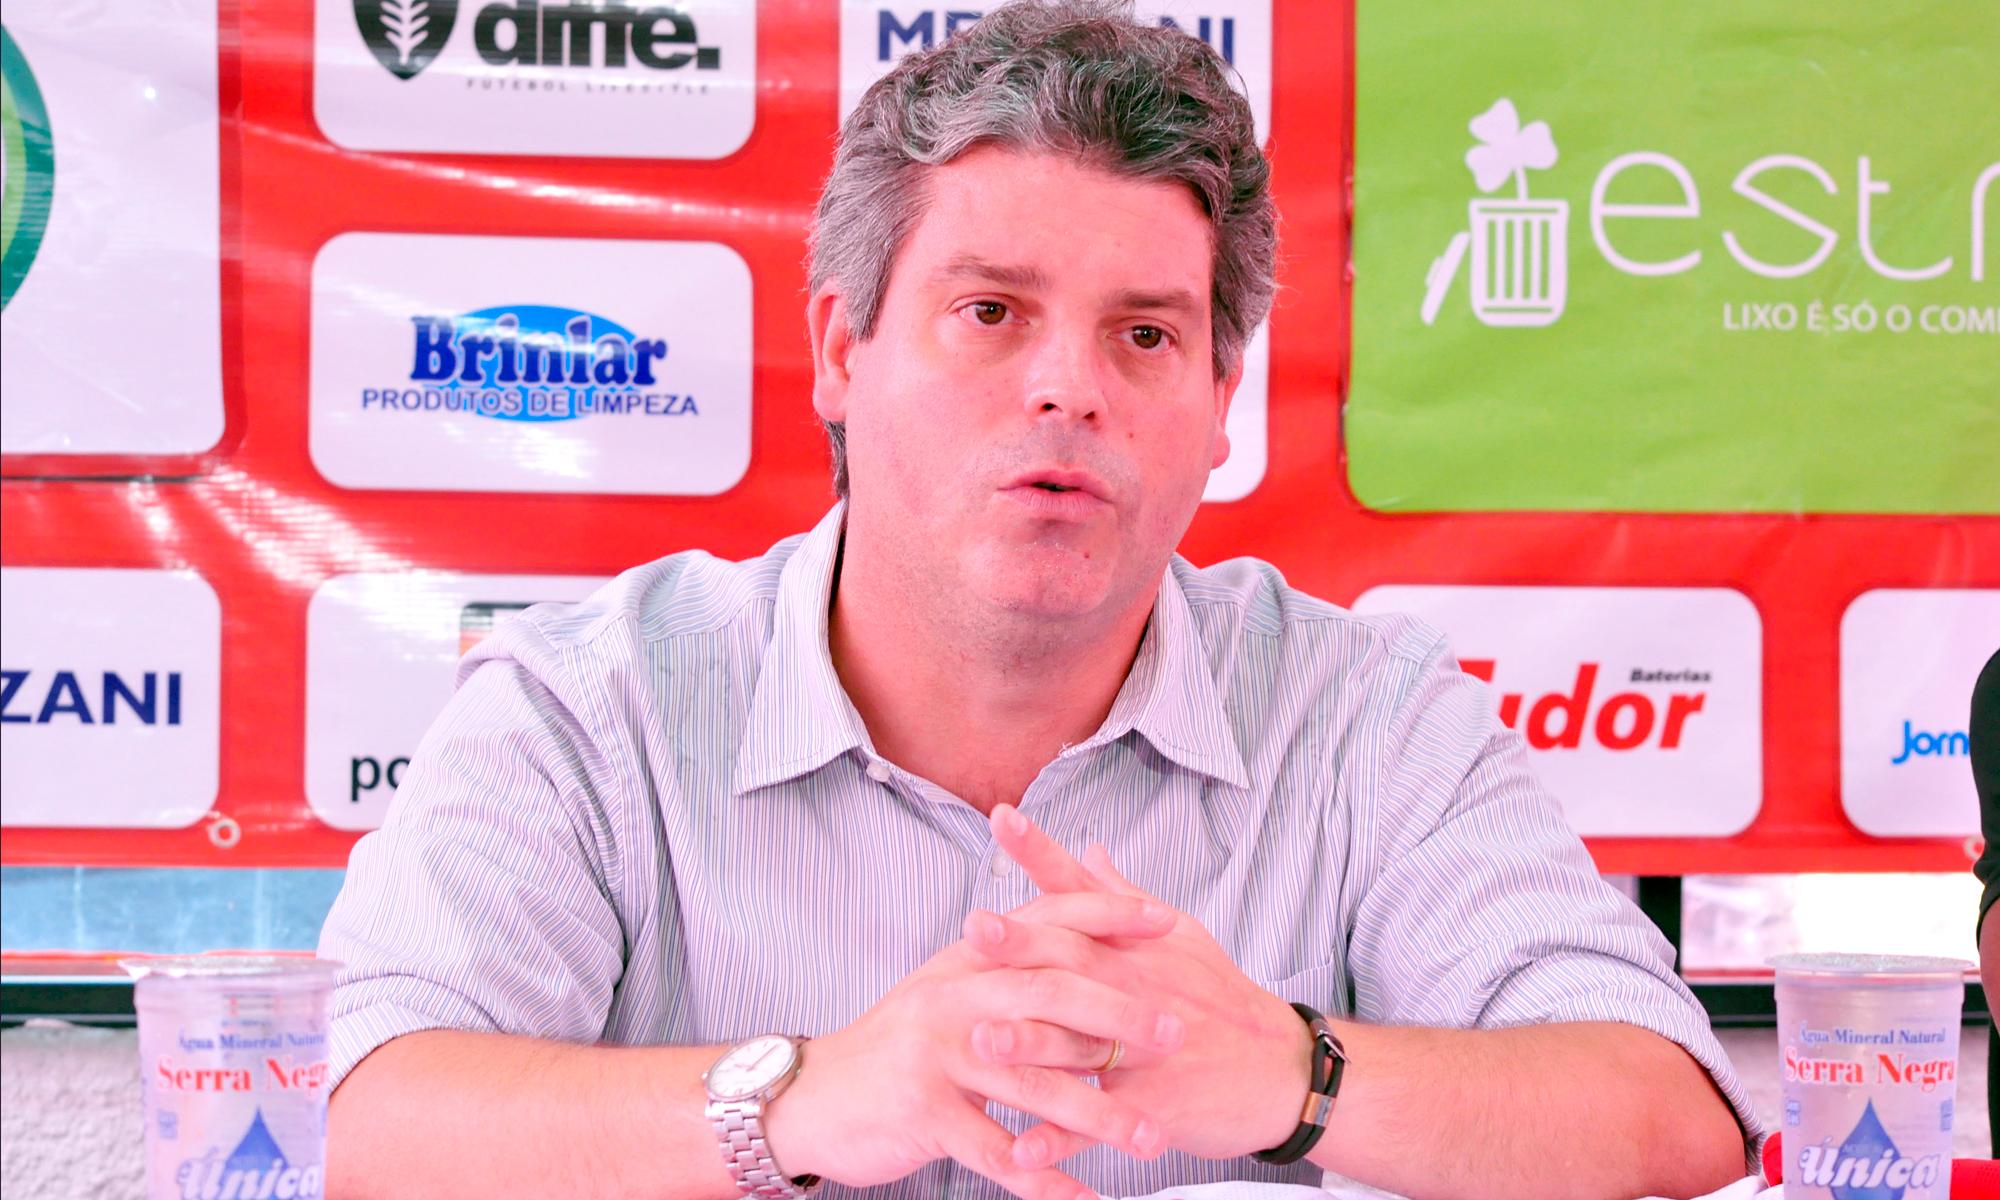 Estevan Pegoraro